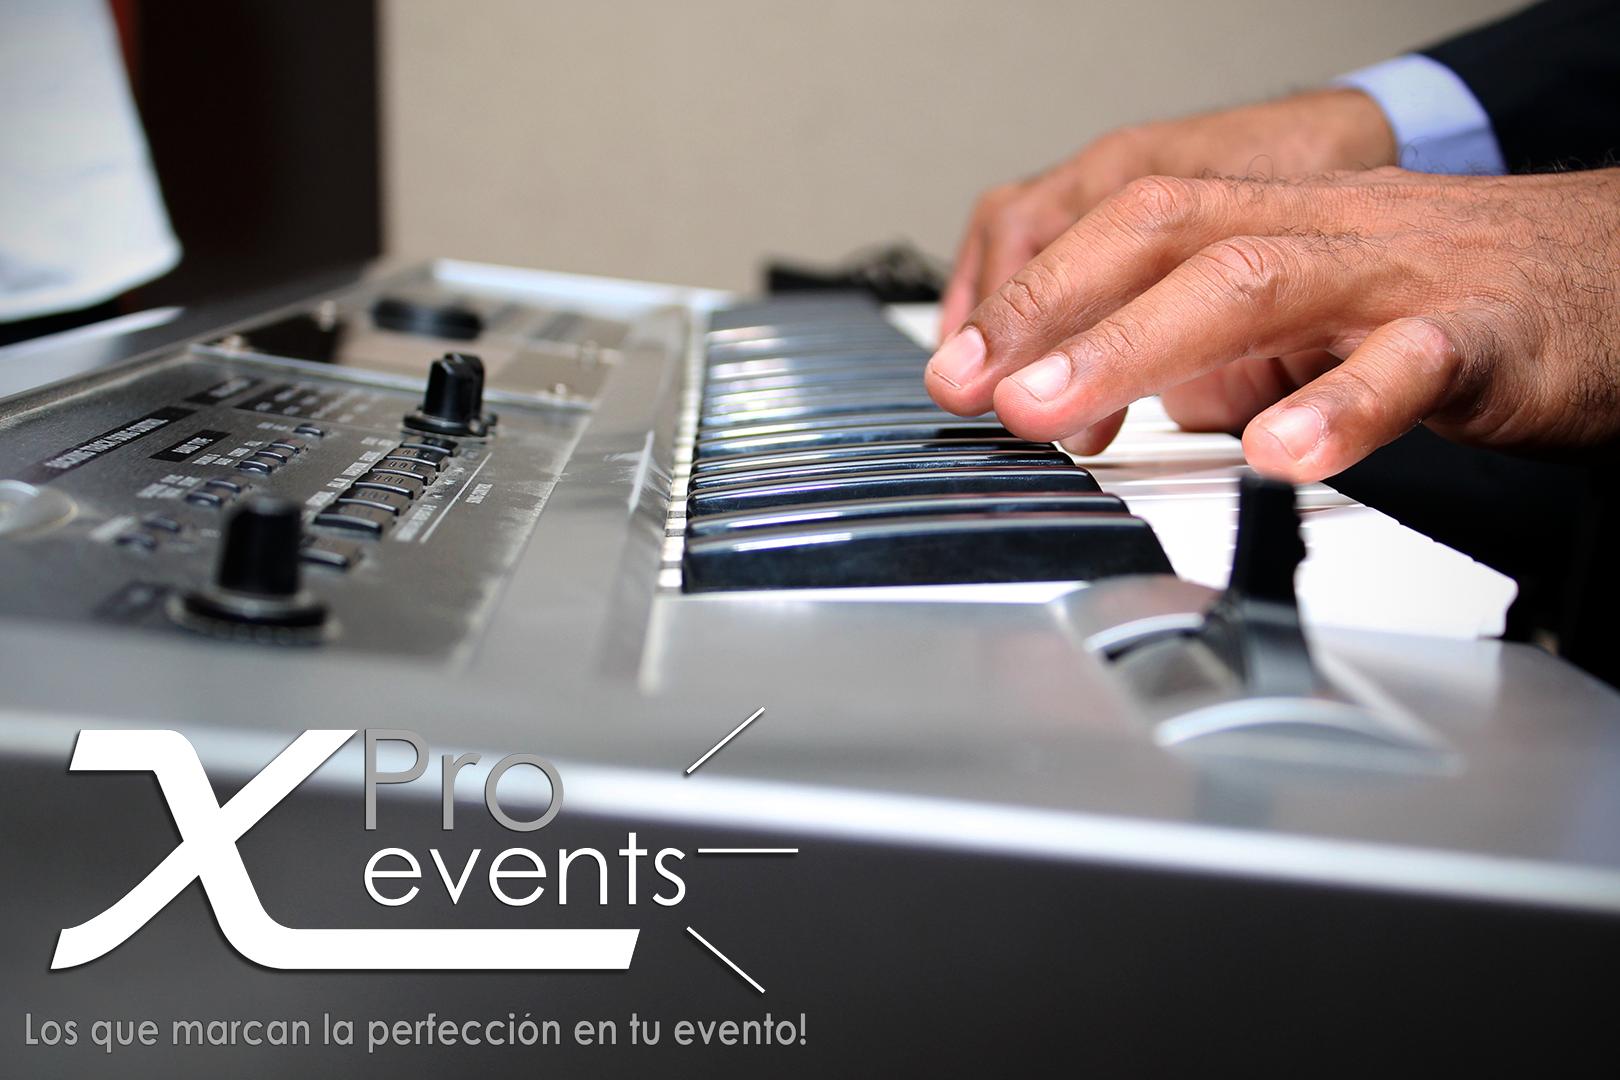 www.Xproevents.com - Tecladista pianista en vivo.png